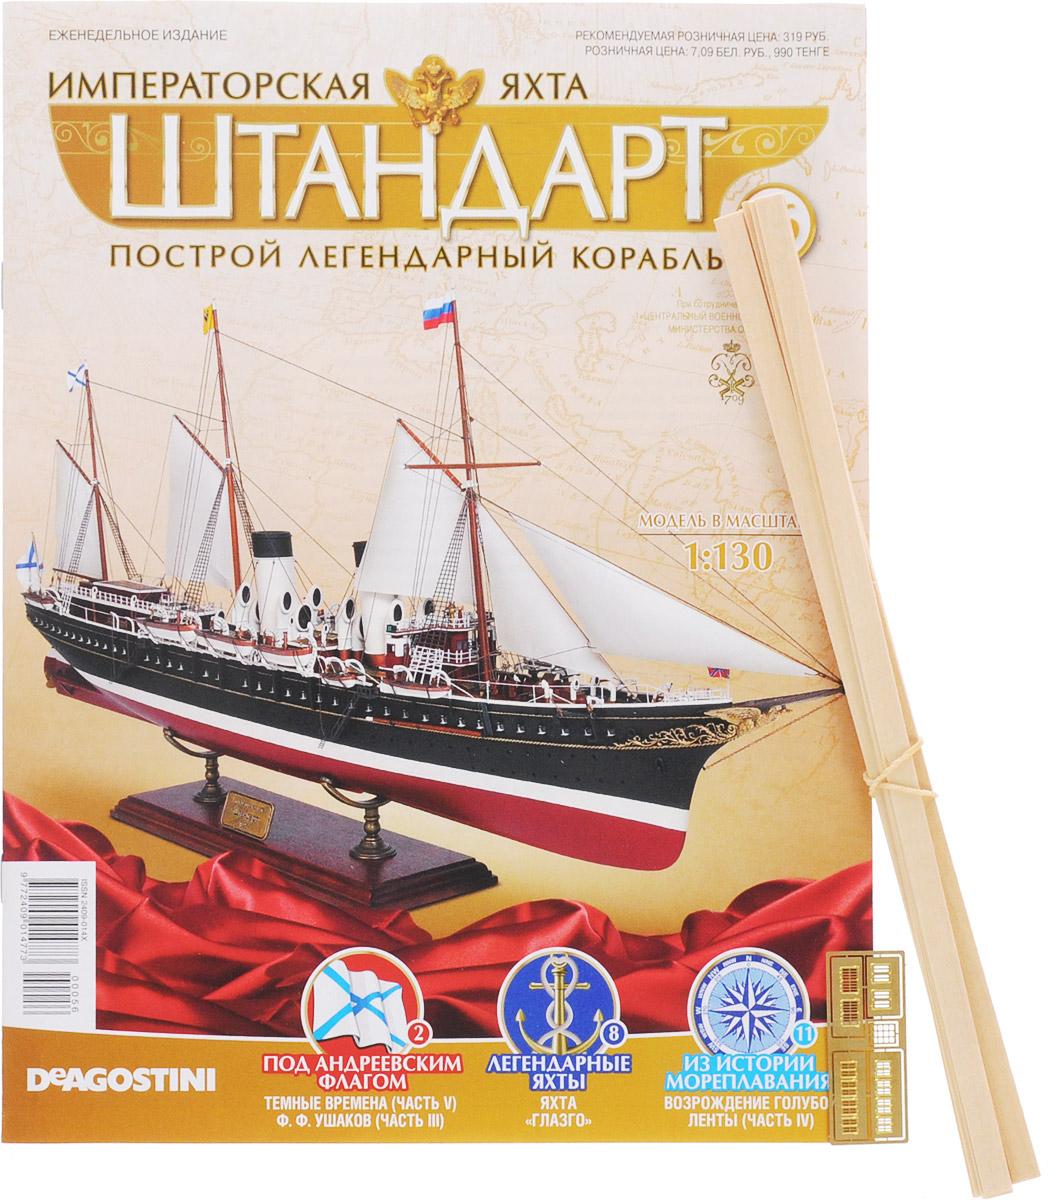 Журнал Императорская яхтаШТАНДАРТ №56